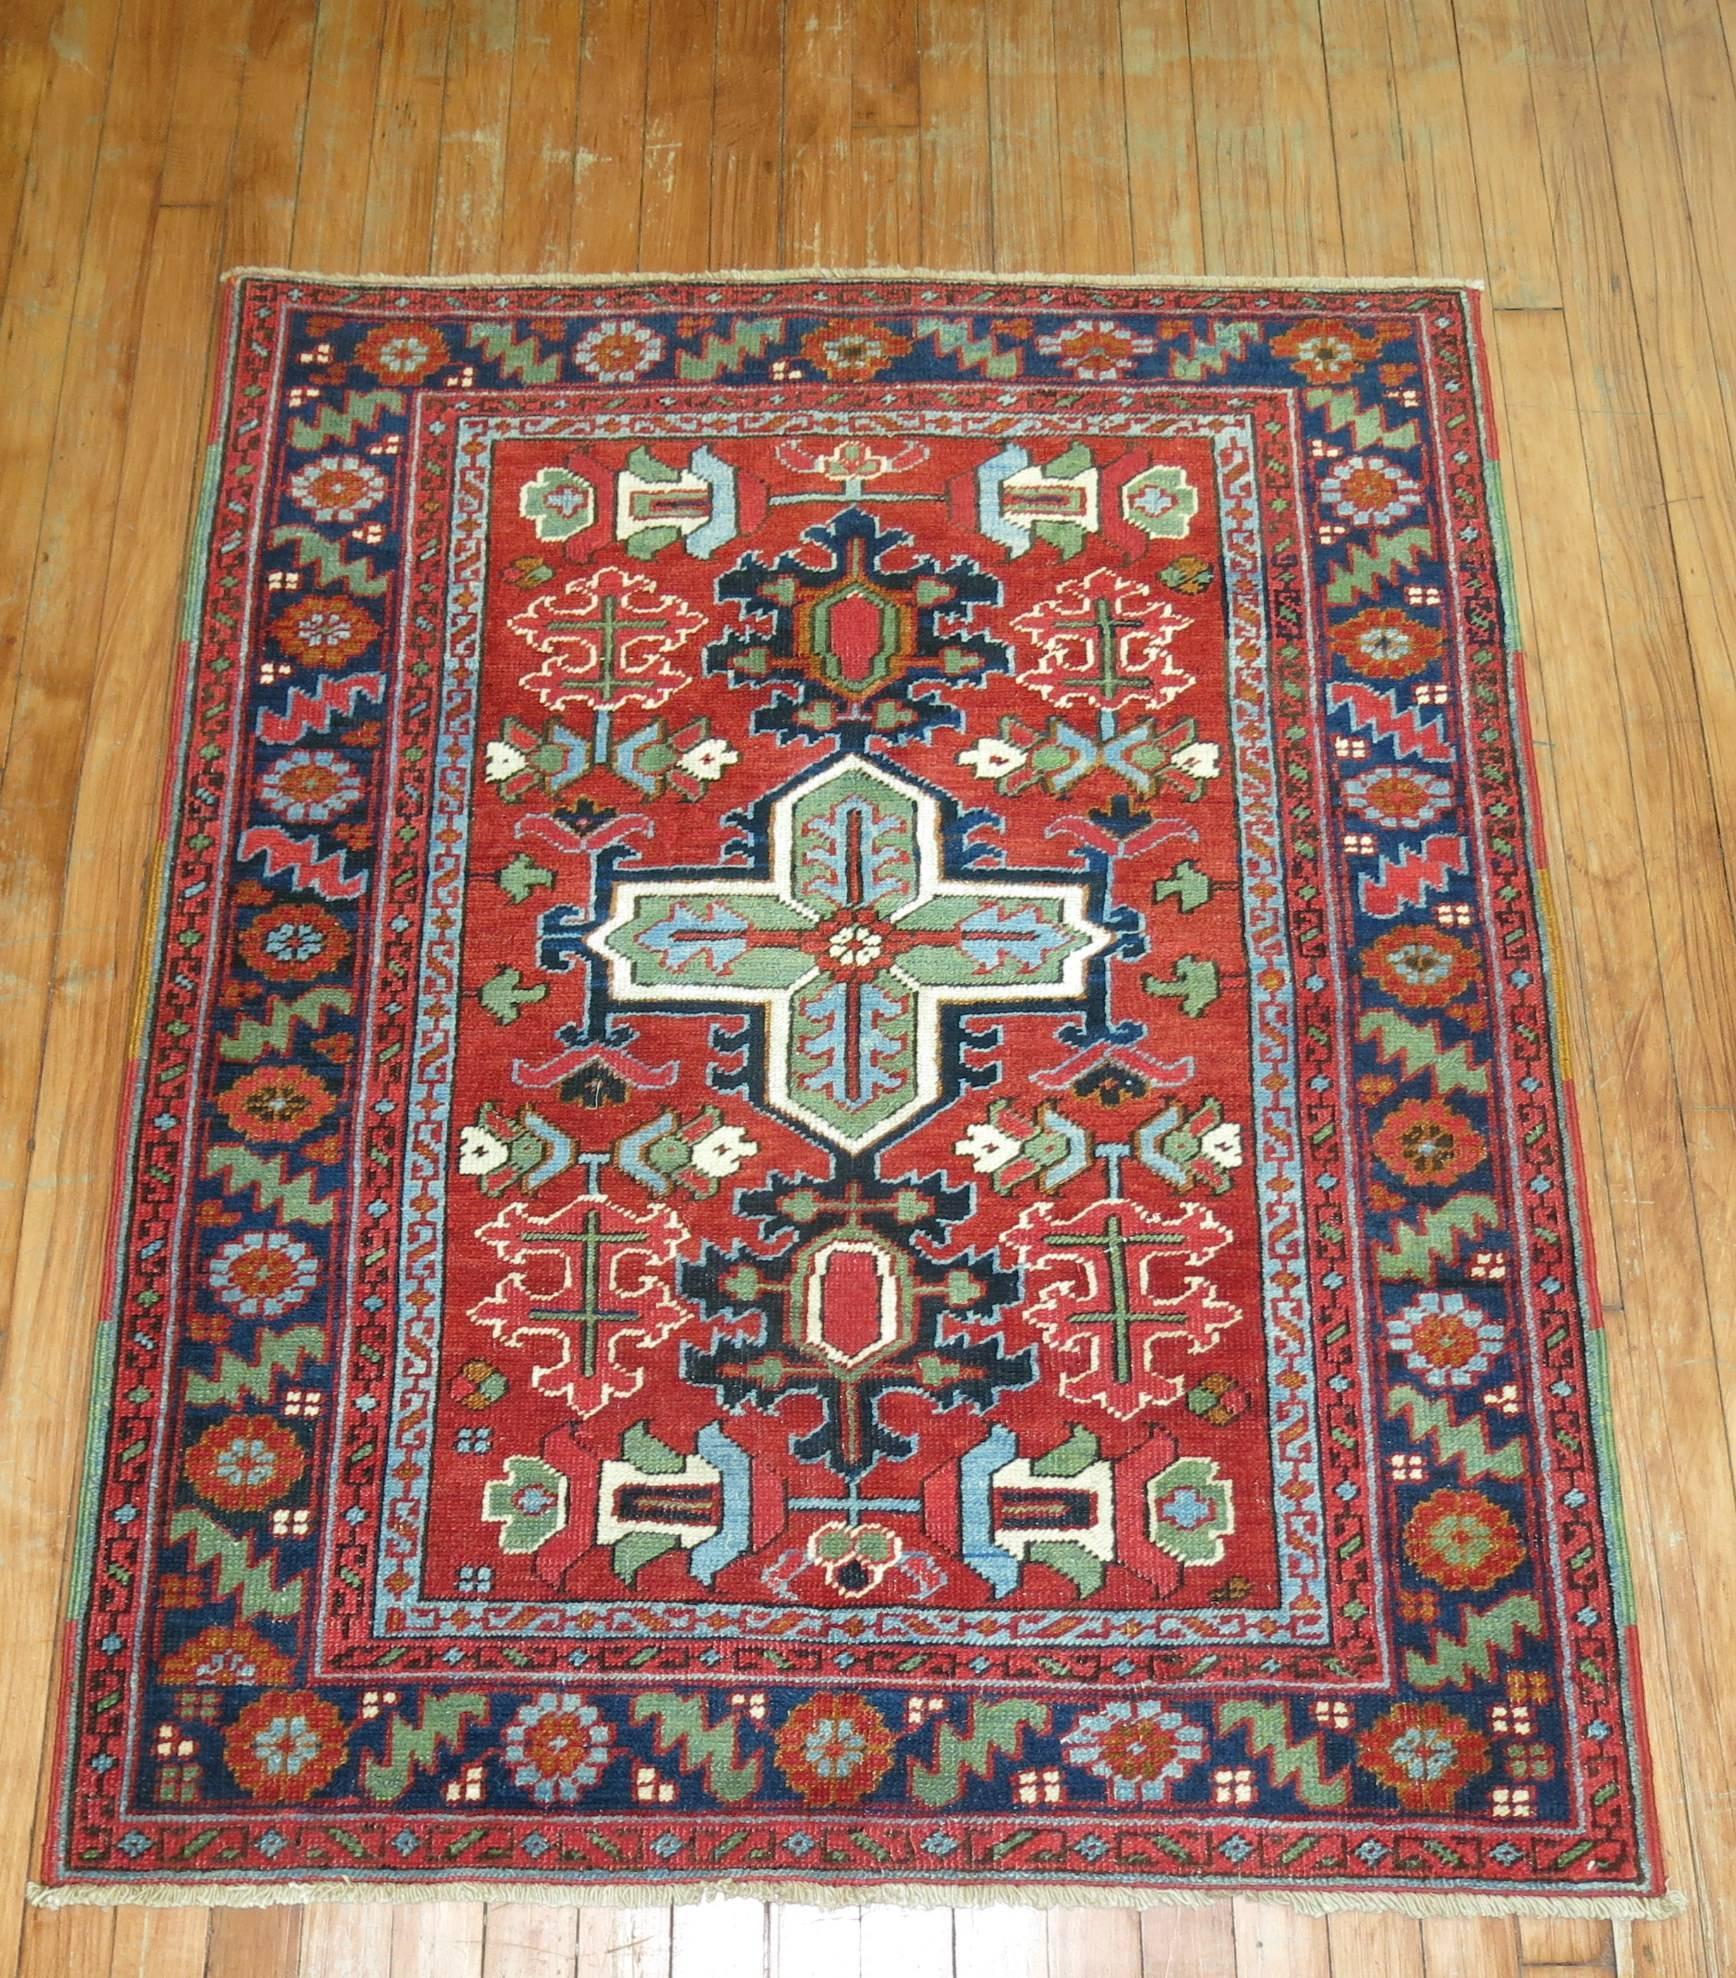 23 5 X 15 5 Inch Indoor Outdoor Kitchen Rugs And Mats Office Door Mat Geometric Arabesque Floral